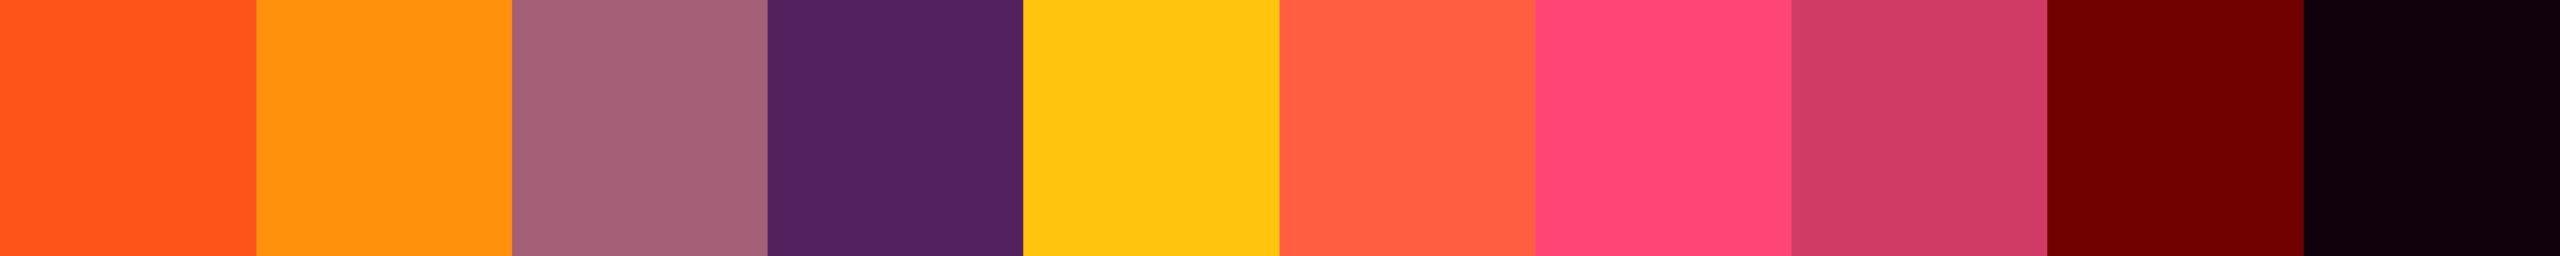 71 Demepia Color Palette